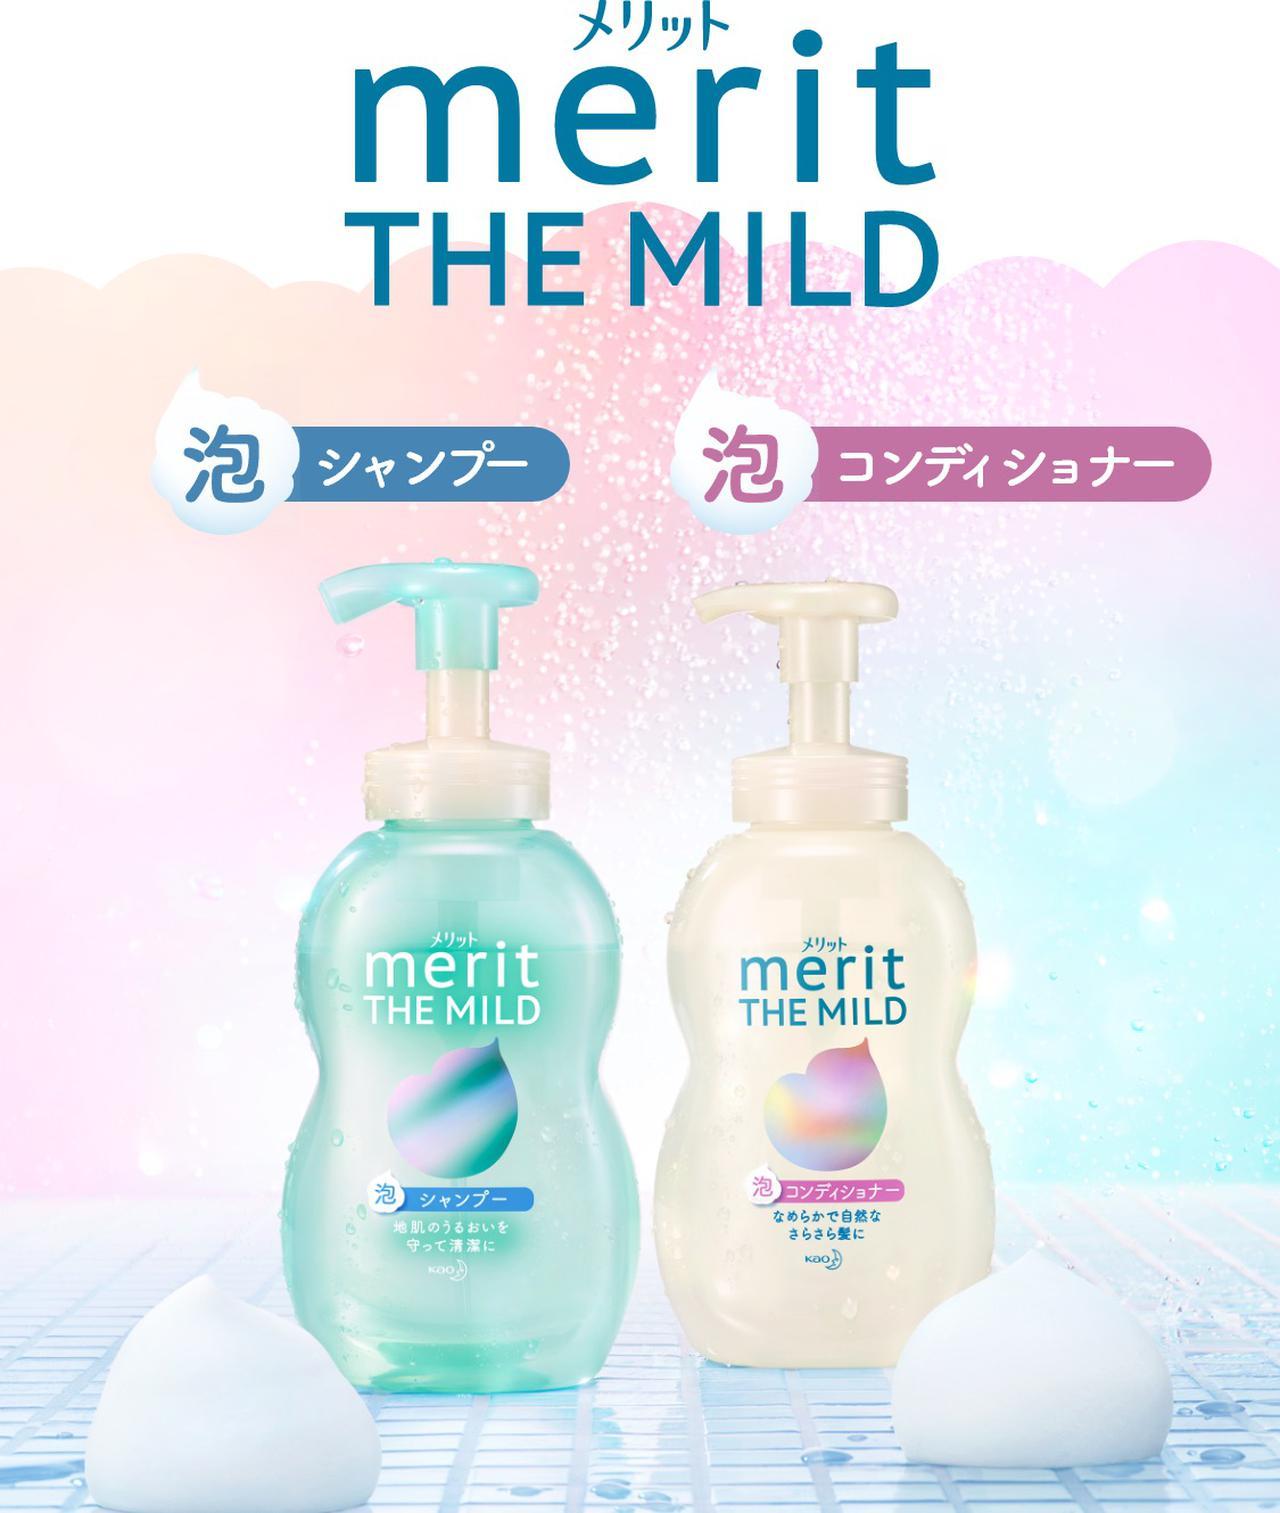 画像: www.kao.co.jp